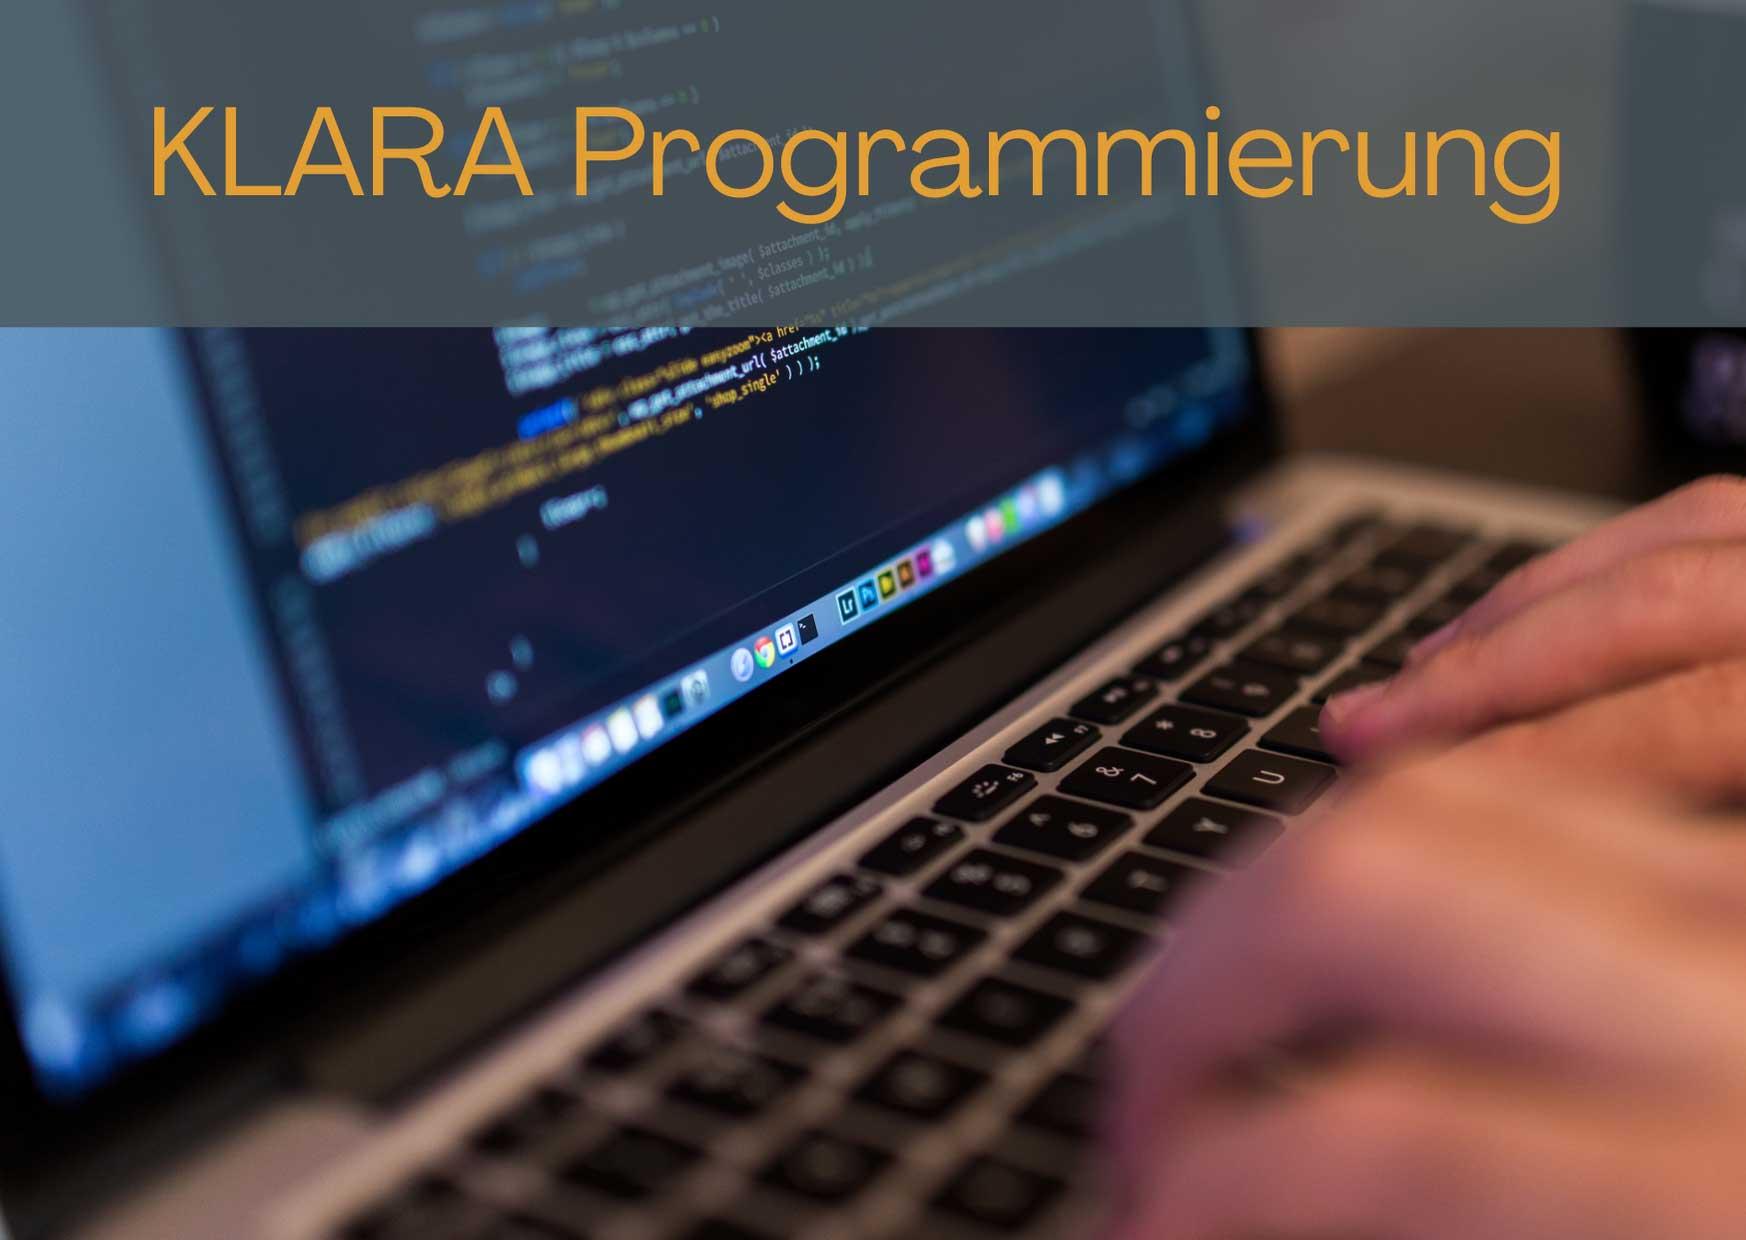 klara_programmierung